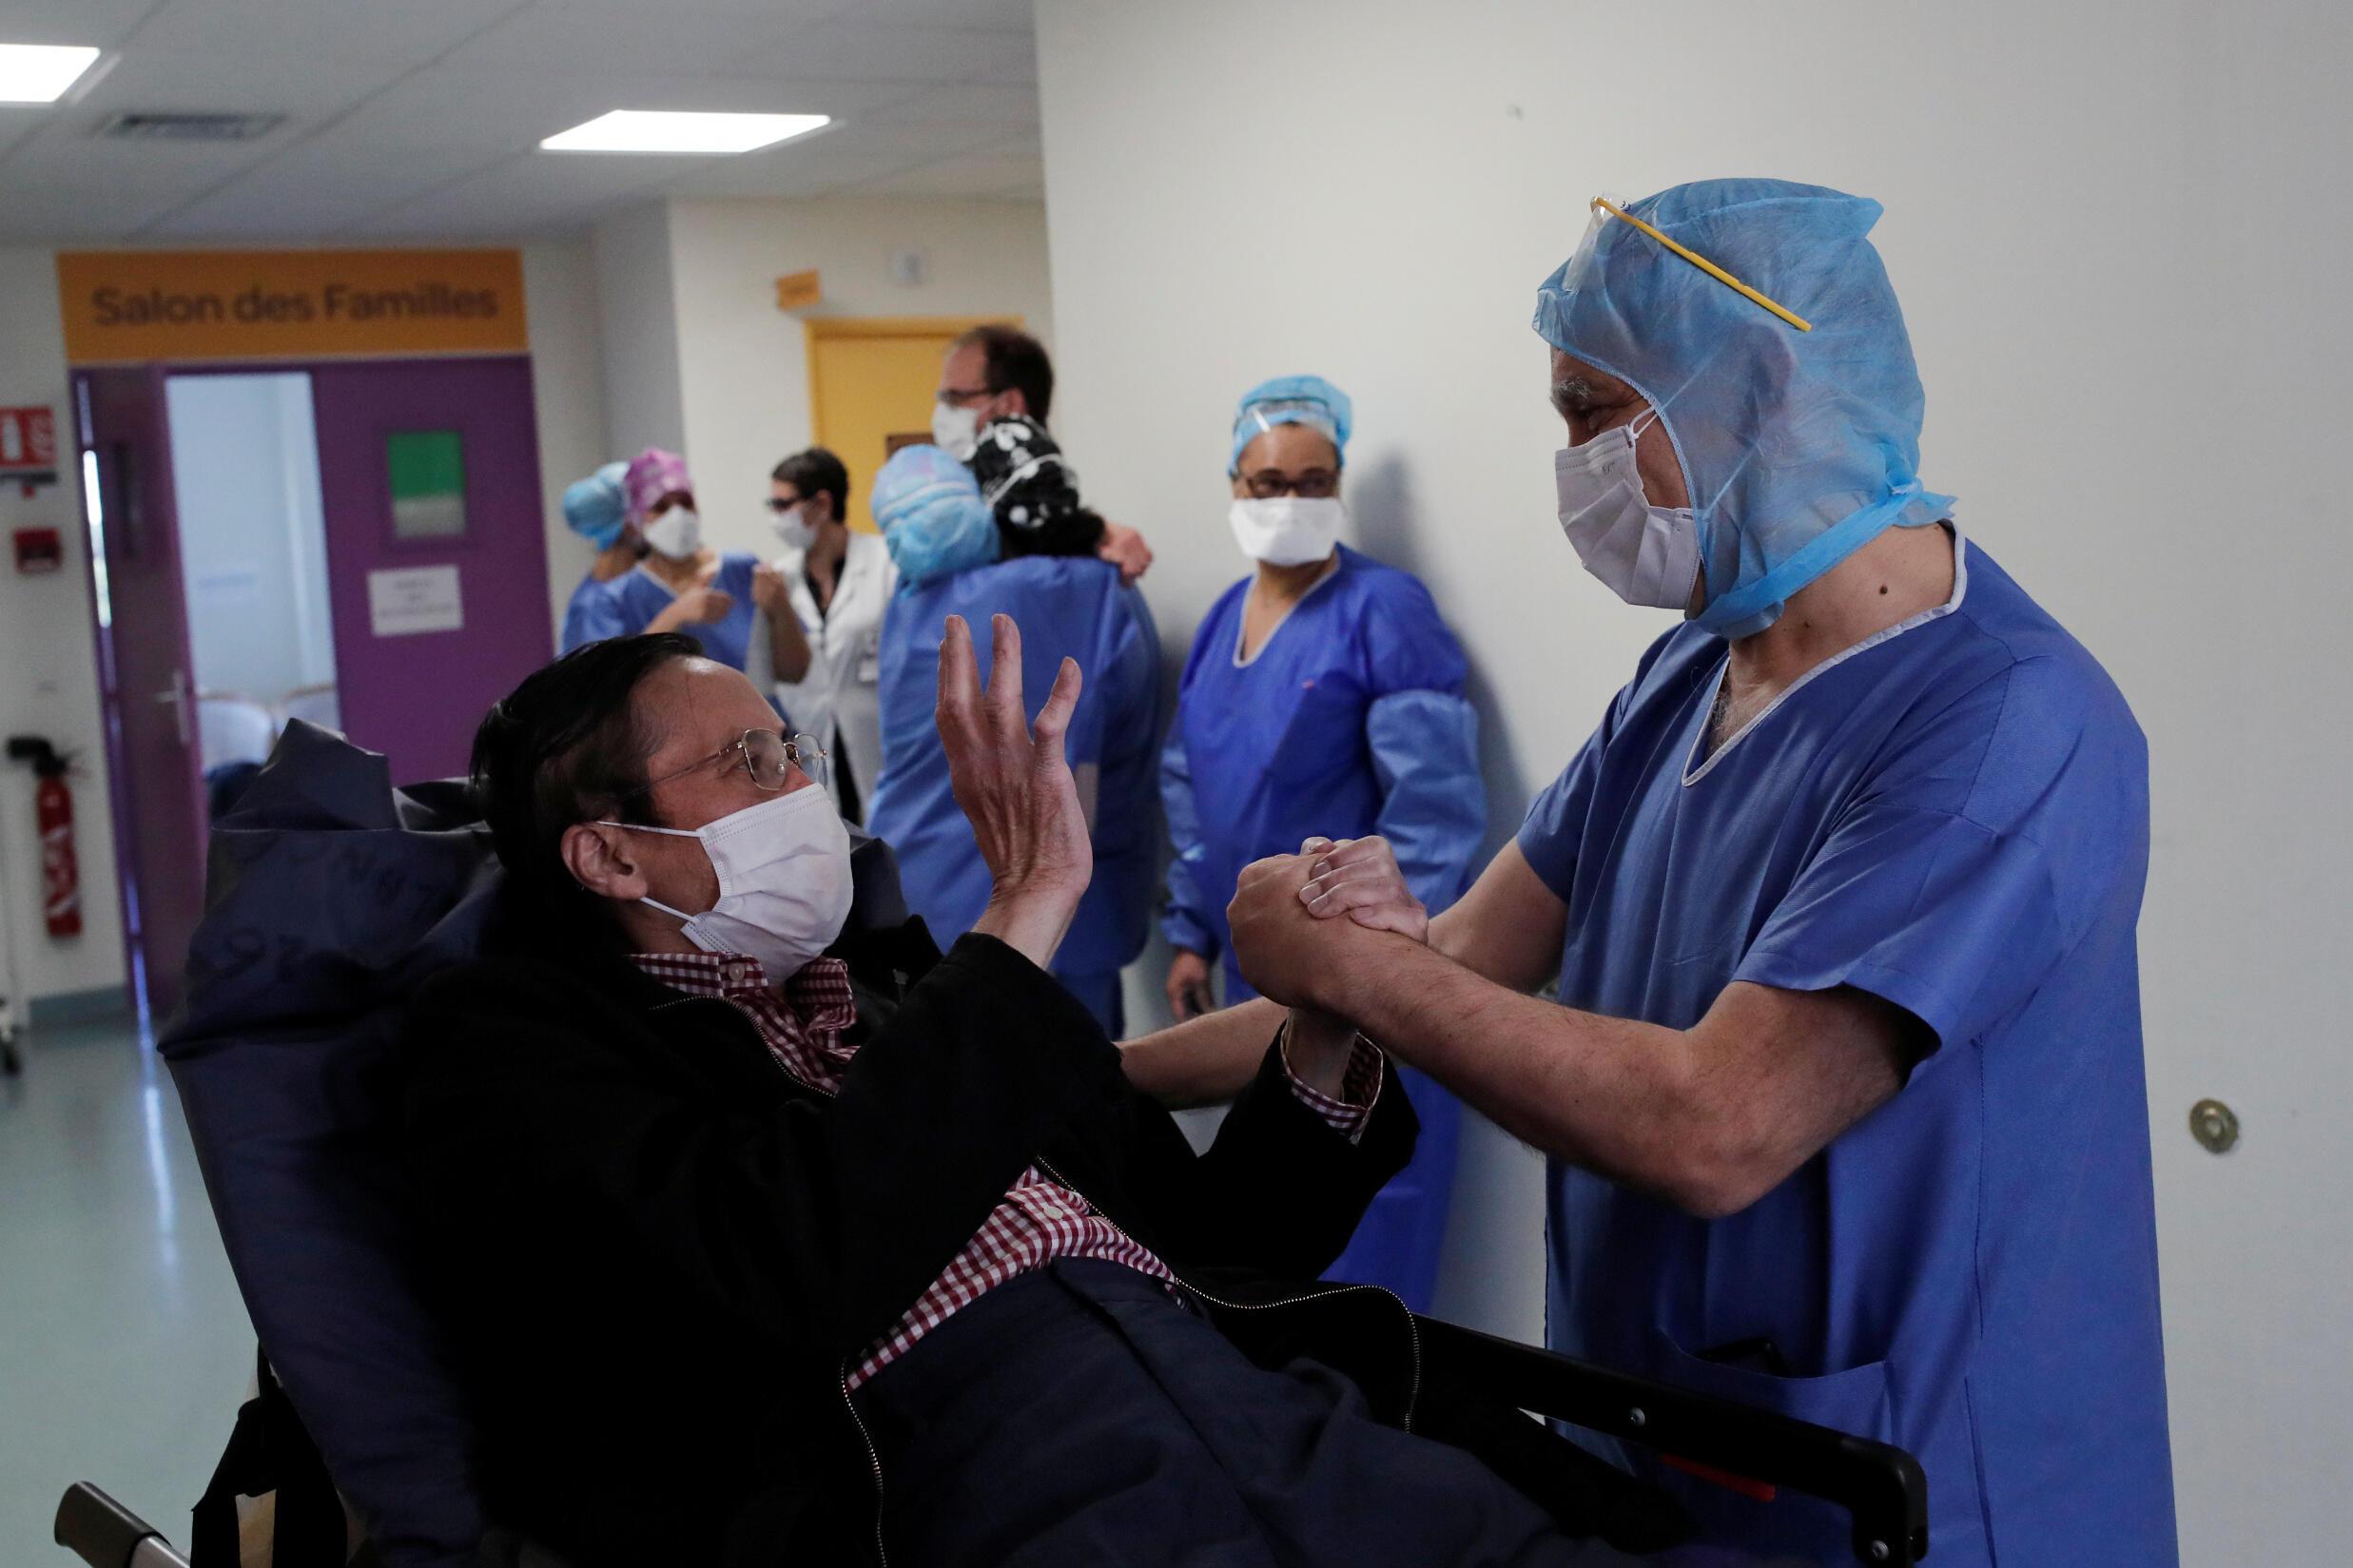 Các bác sĩ, y tá chúc mừng một bệnh nhân vừa hồi phục sau 16 ngày nằm hồi sức tích cực, tại một bệnh viện ở ngoại ô Paris, ngày 23/04/2020.